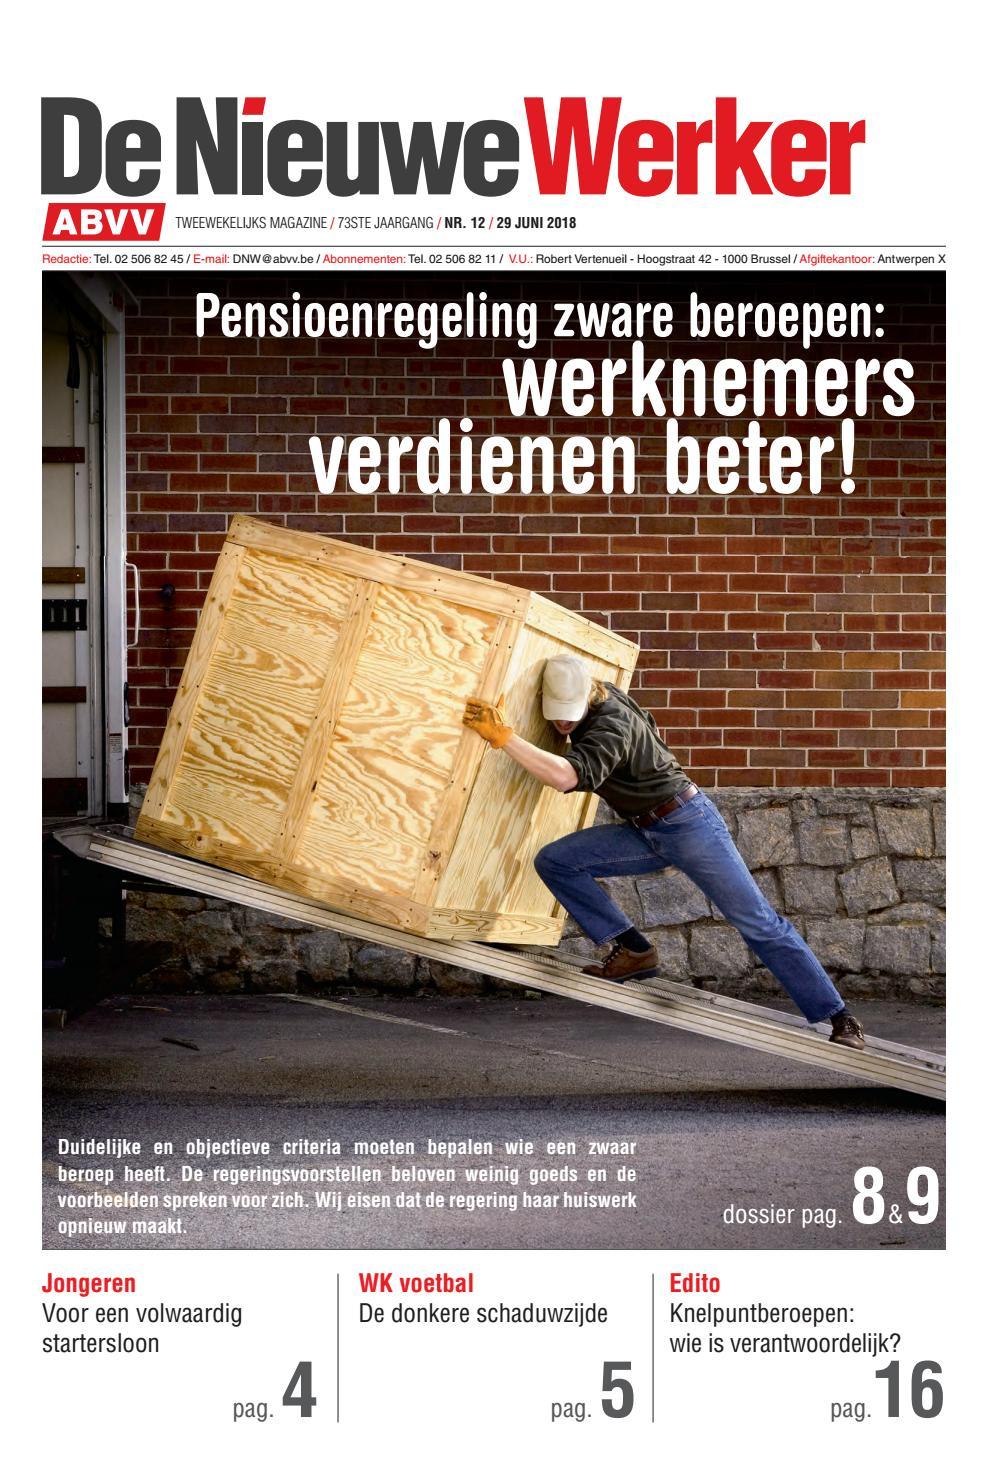 aa750d92c9b De Nieuwe Werker nr. 12 - 2018 by ABVV - issuu